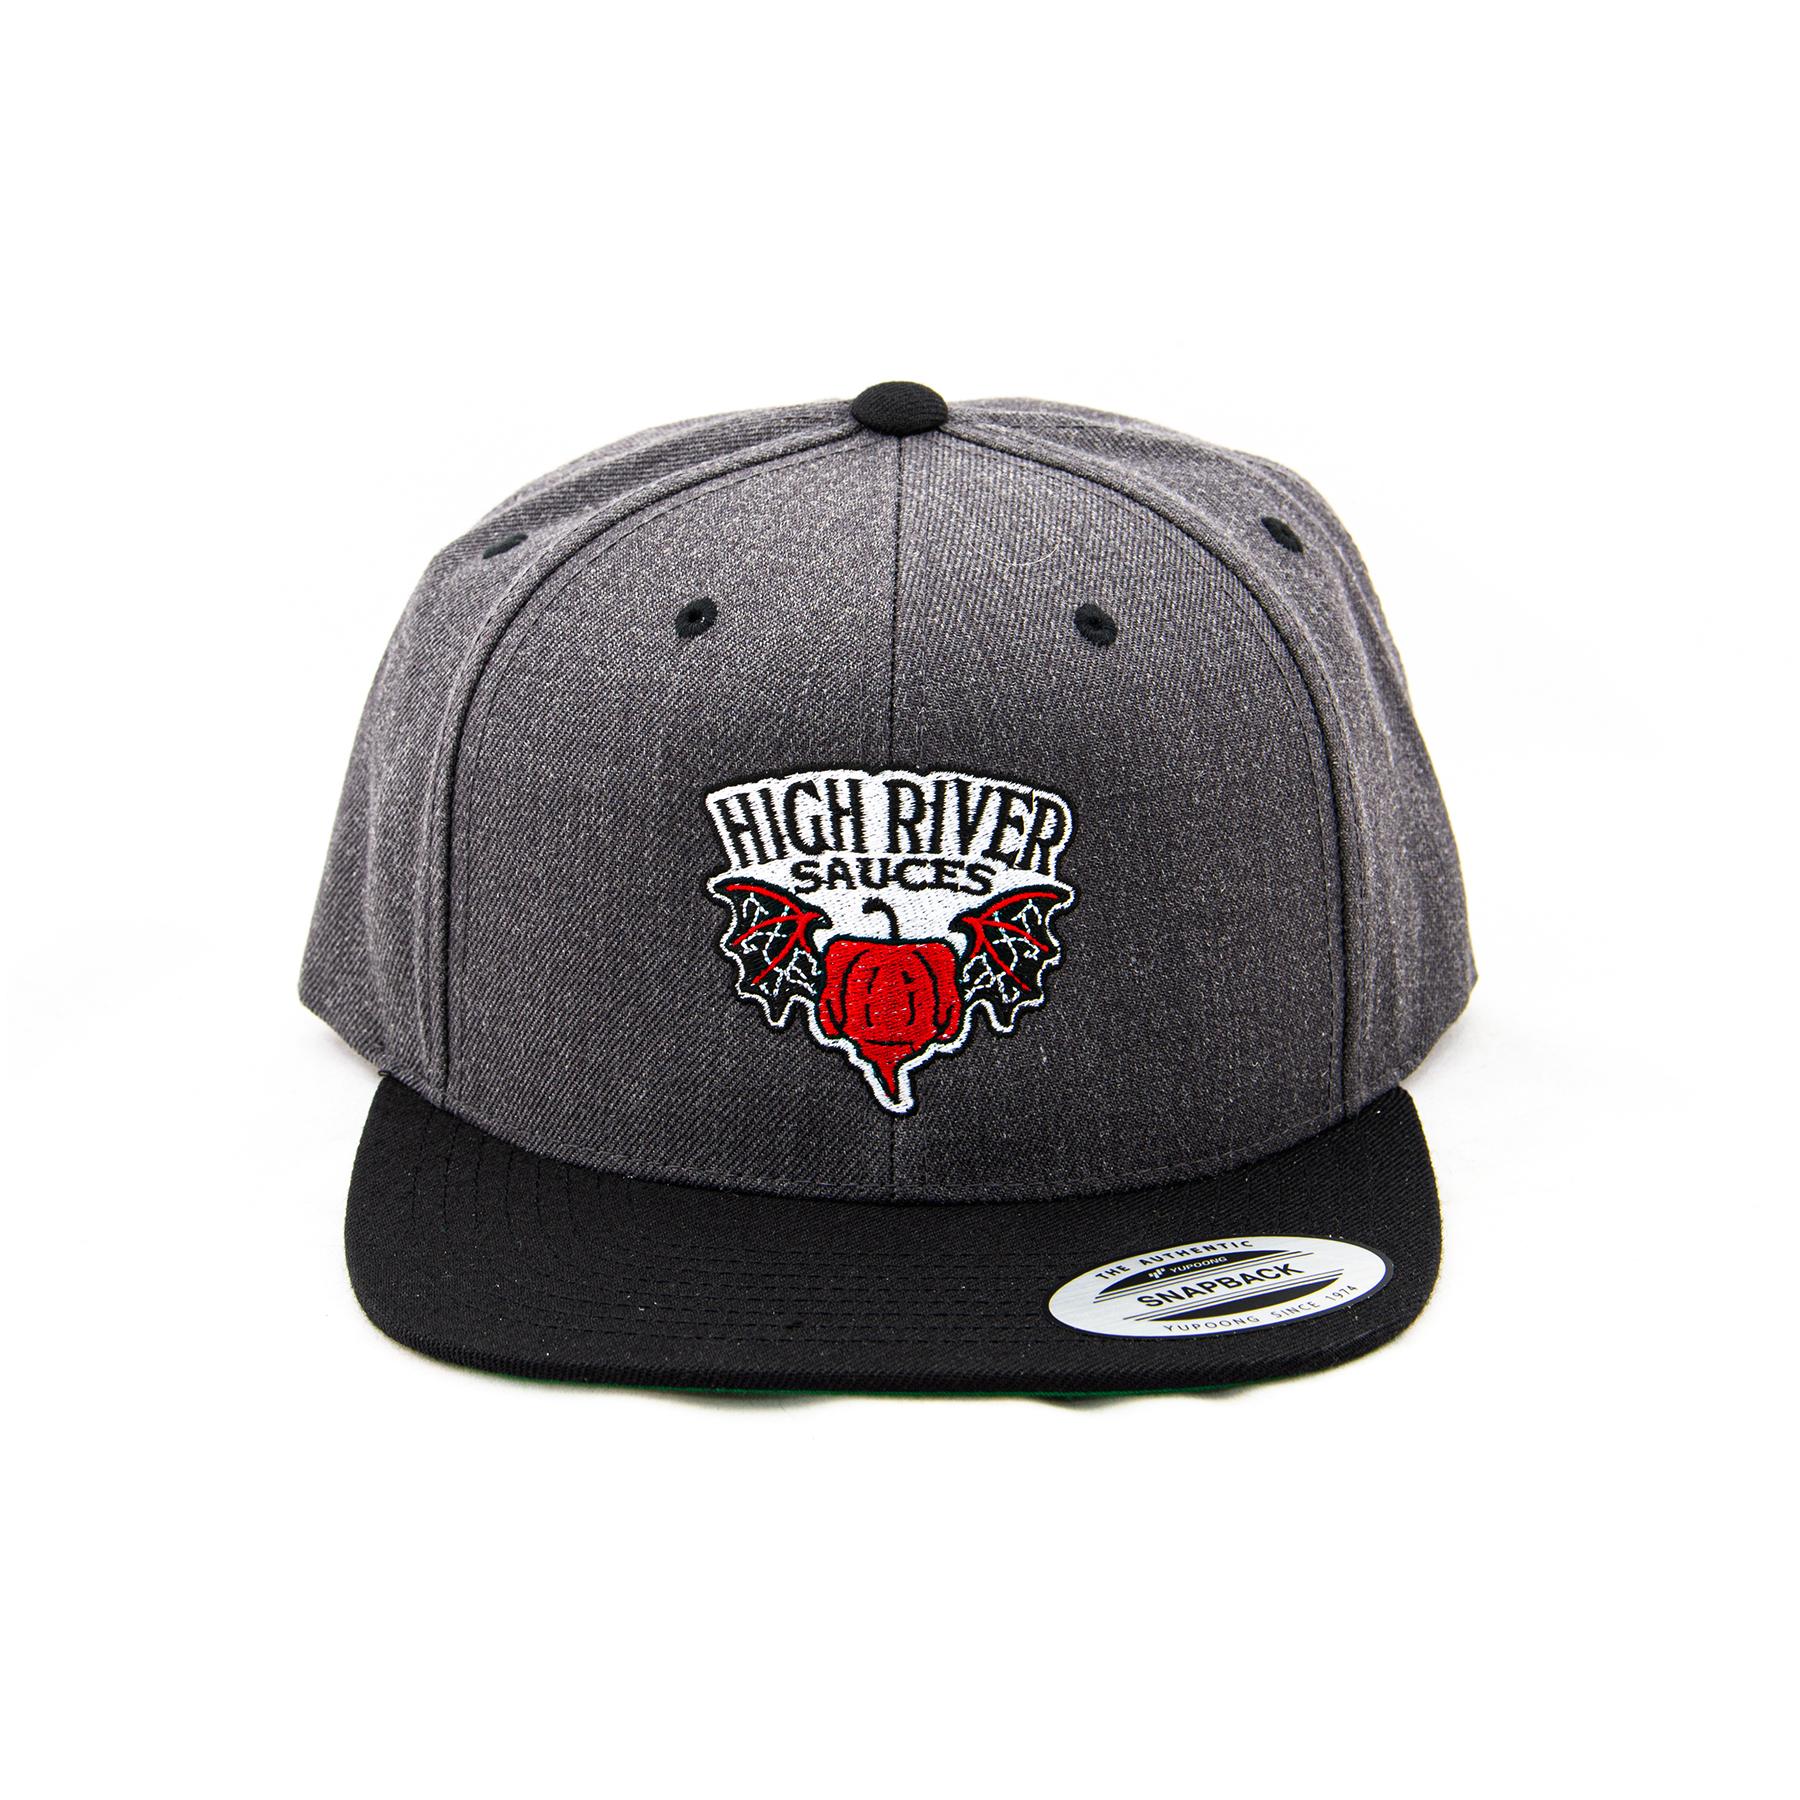 gray hat image